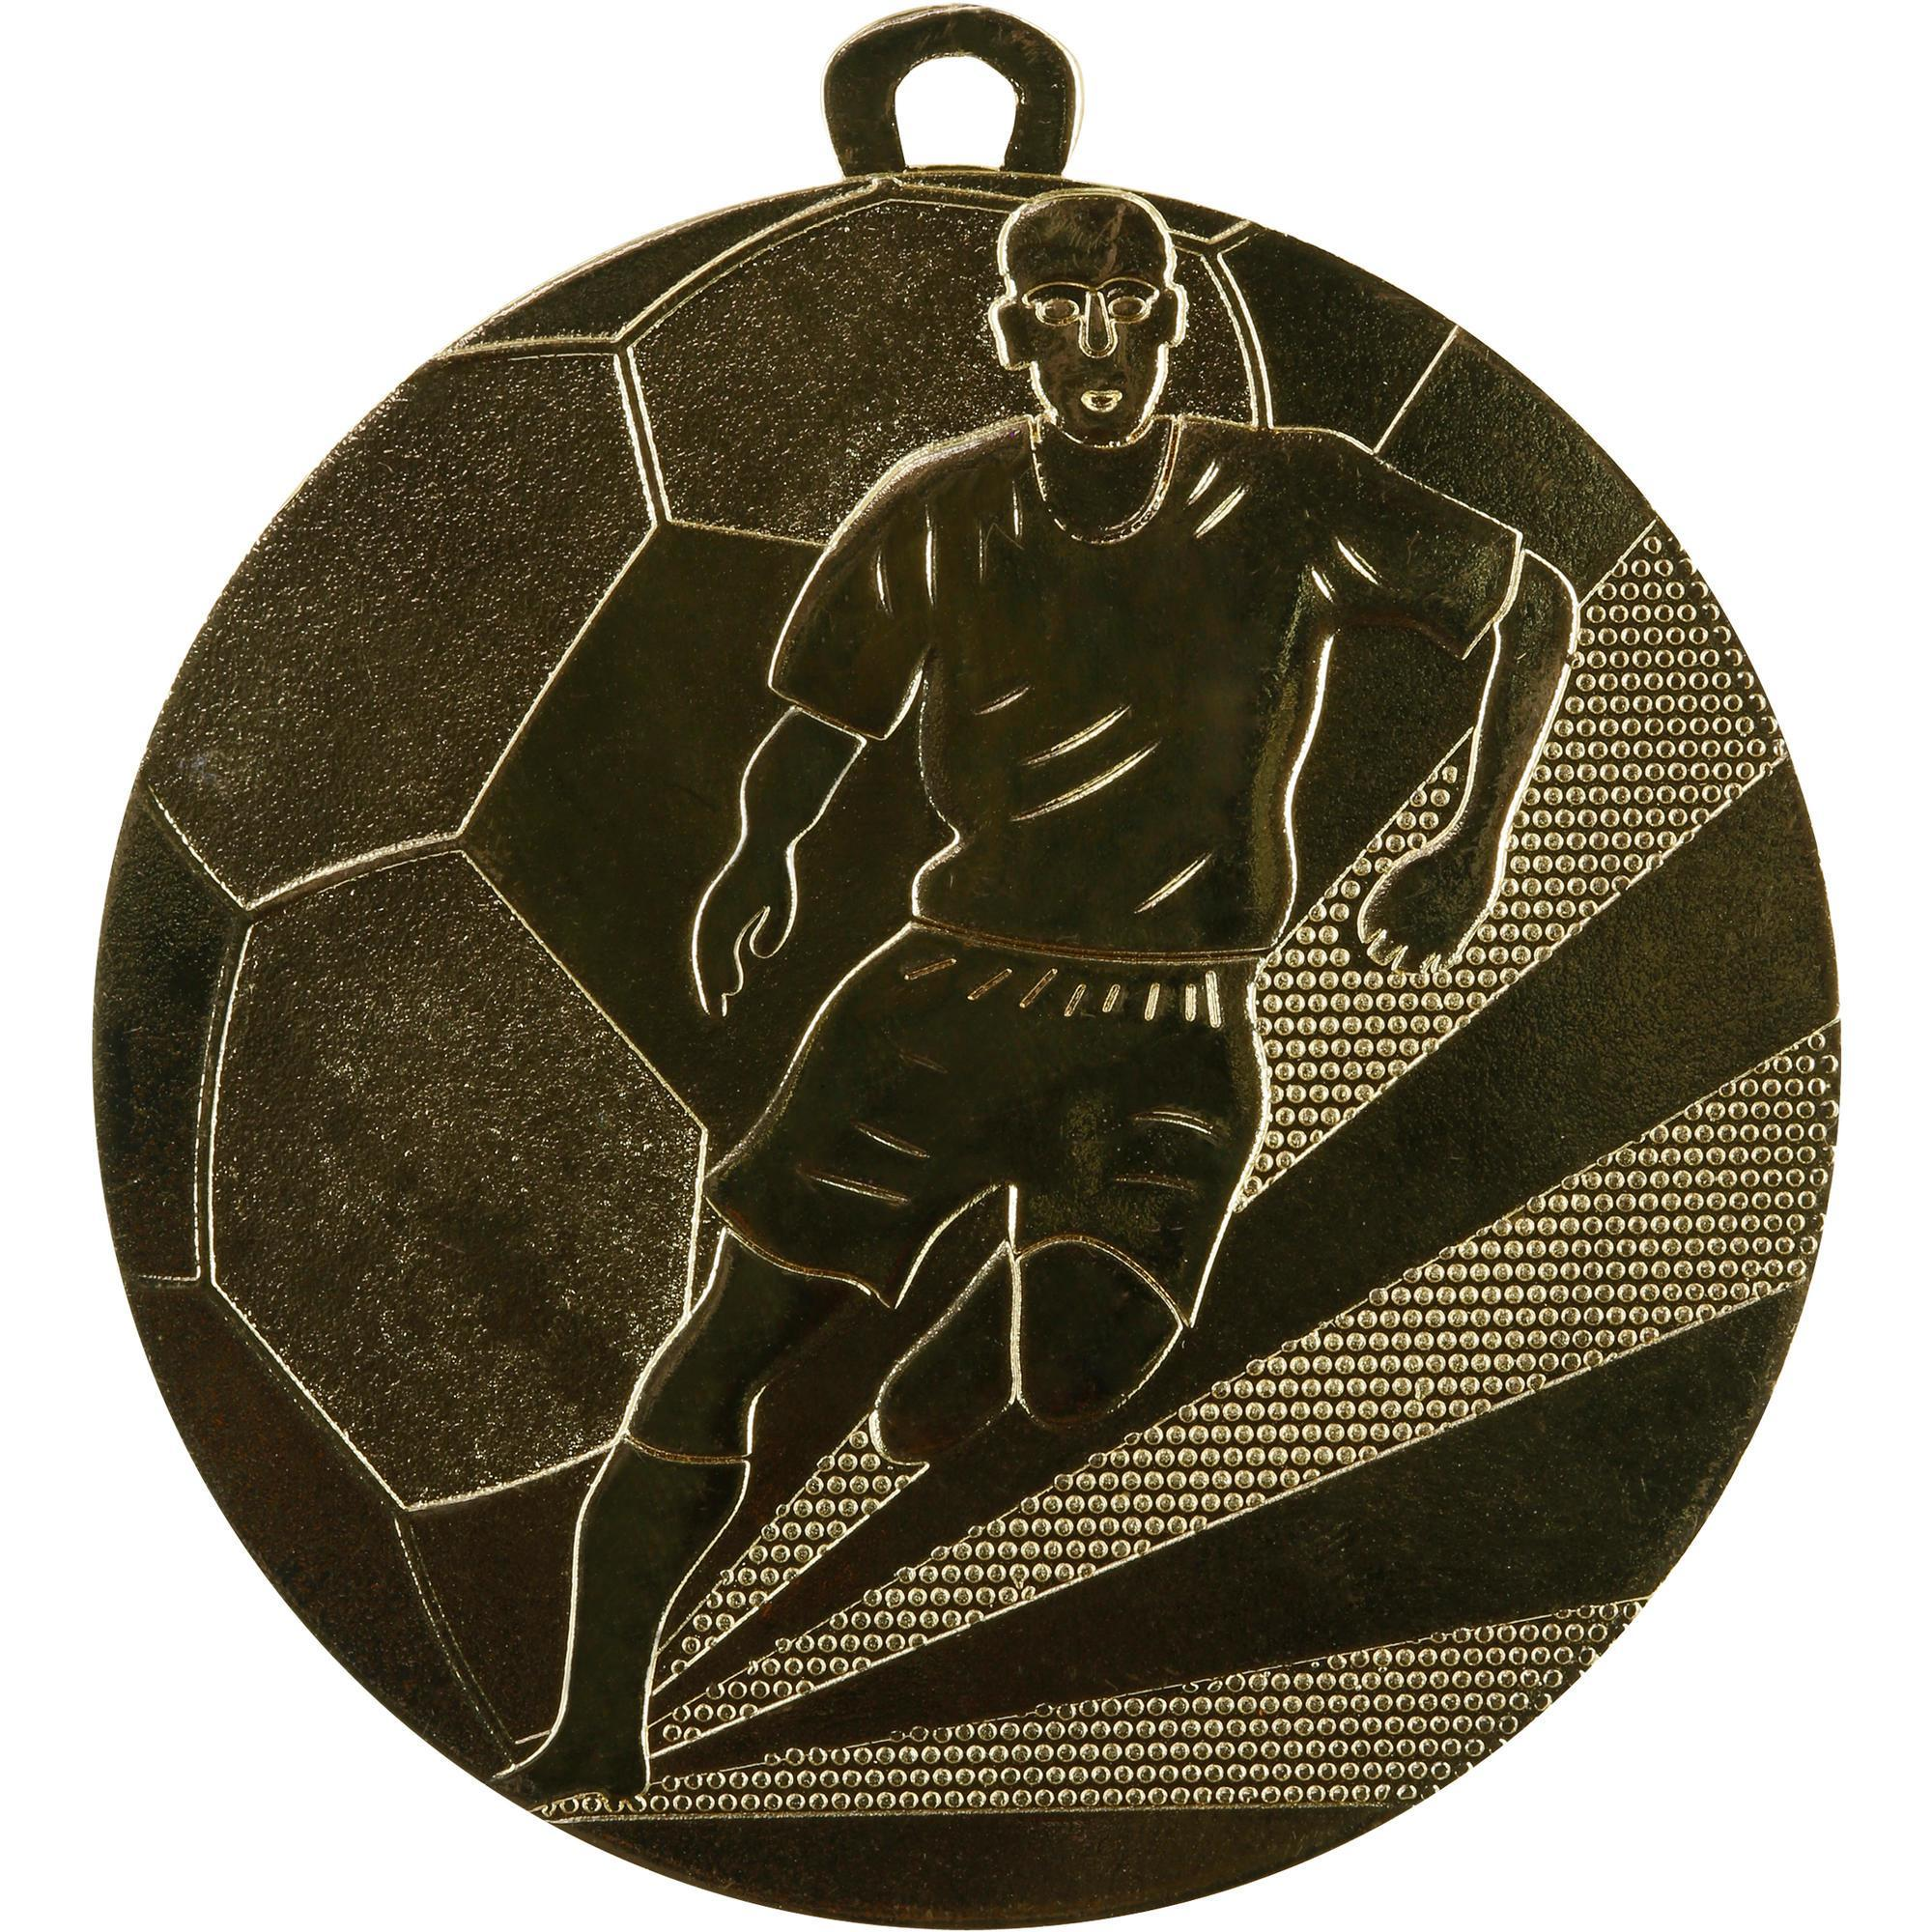 Medaille foot 50 mm or biemans trophy produ